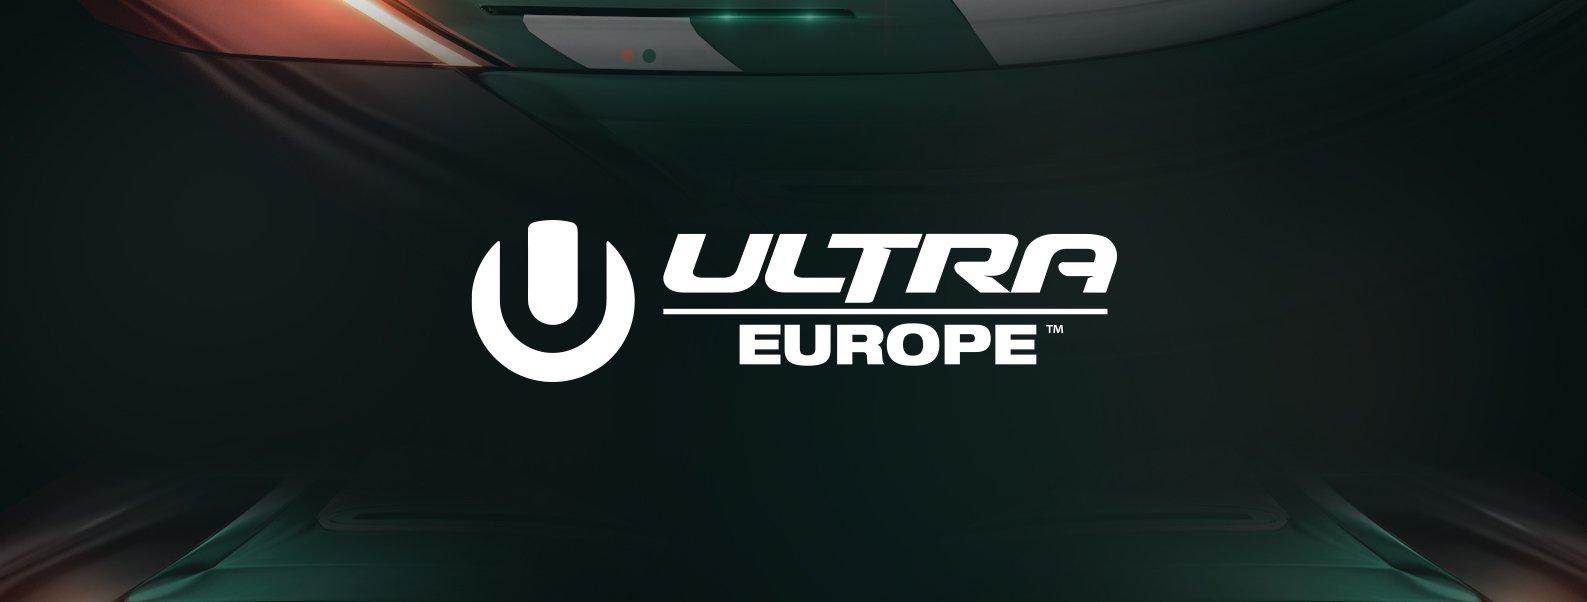 Ultra Europe Festival, 09 10 11 Luglio 2021 Spalato Croazia